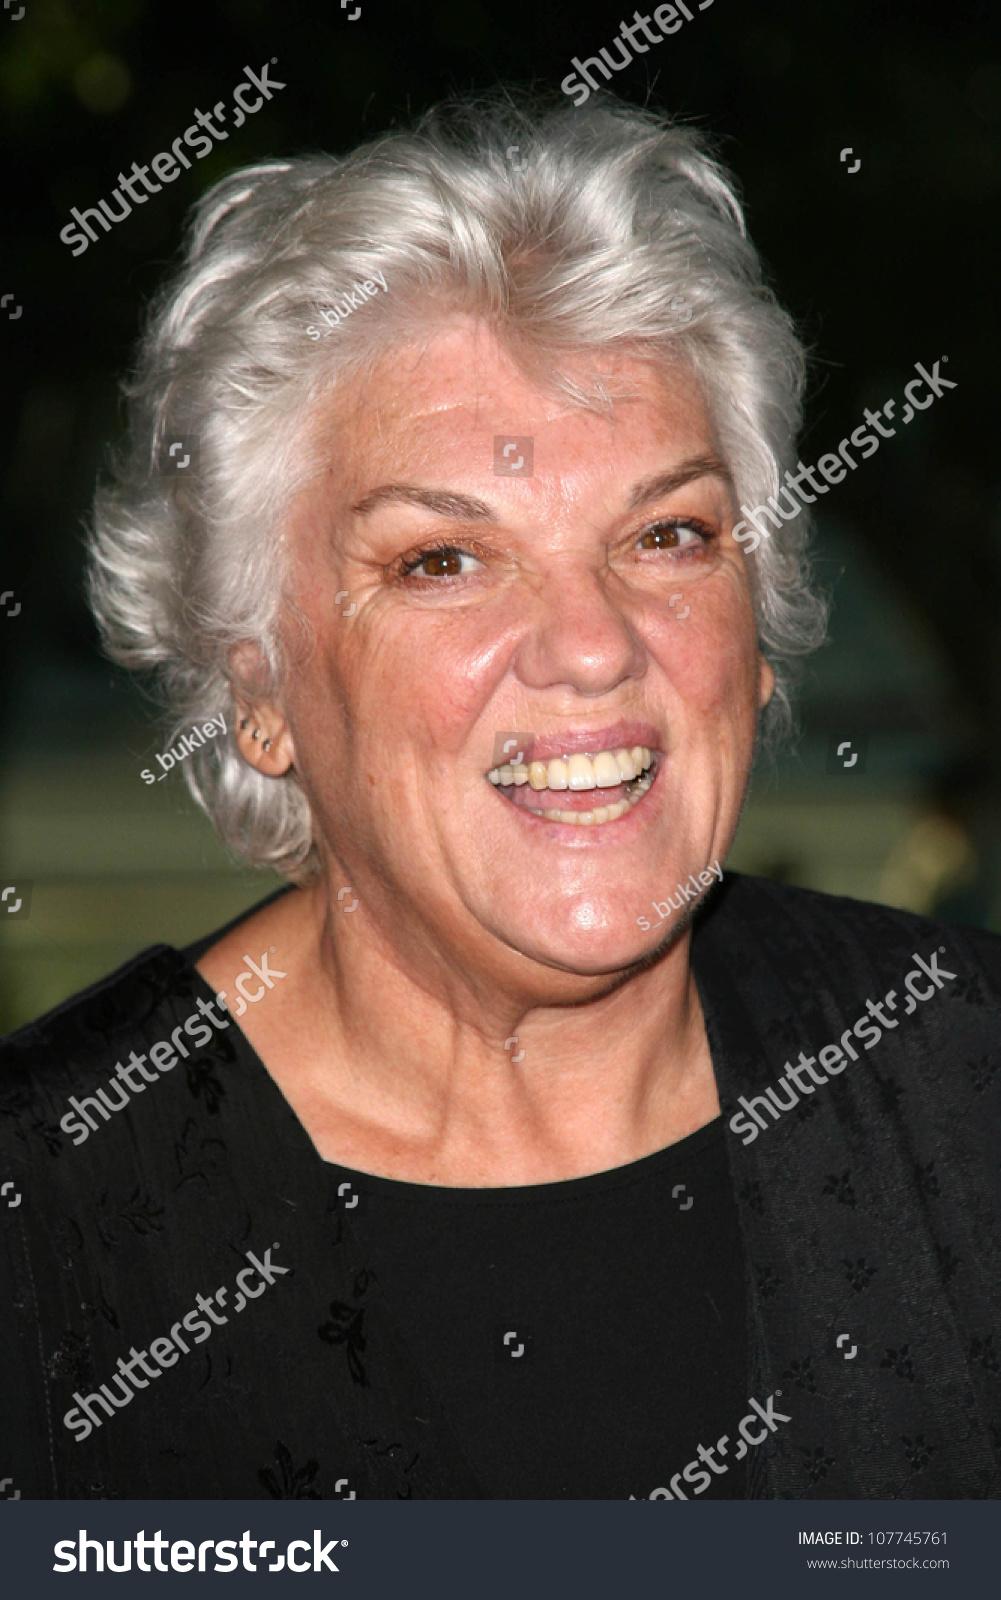 Margaret Blanche images